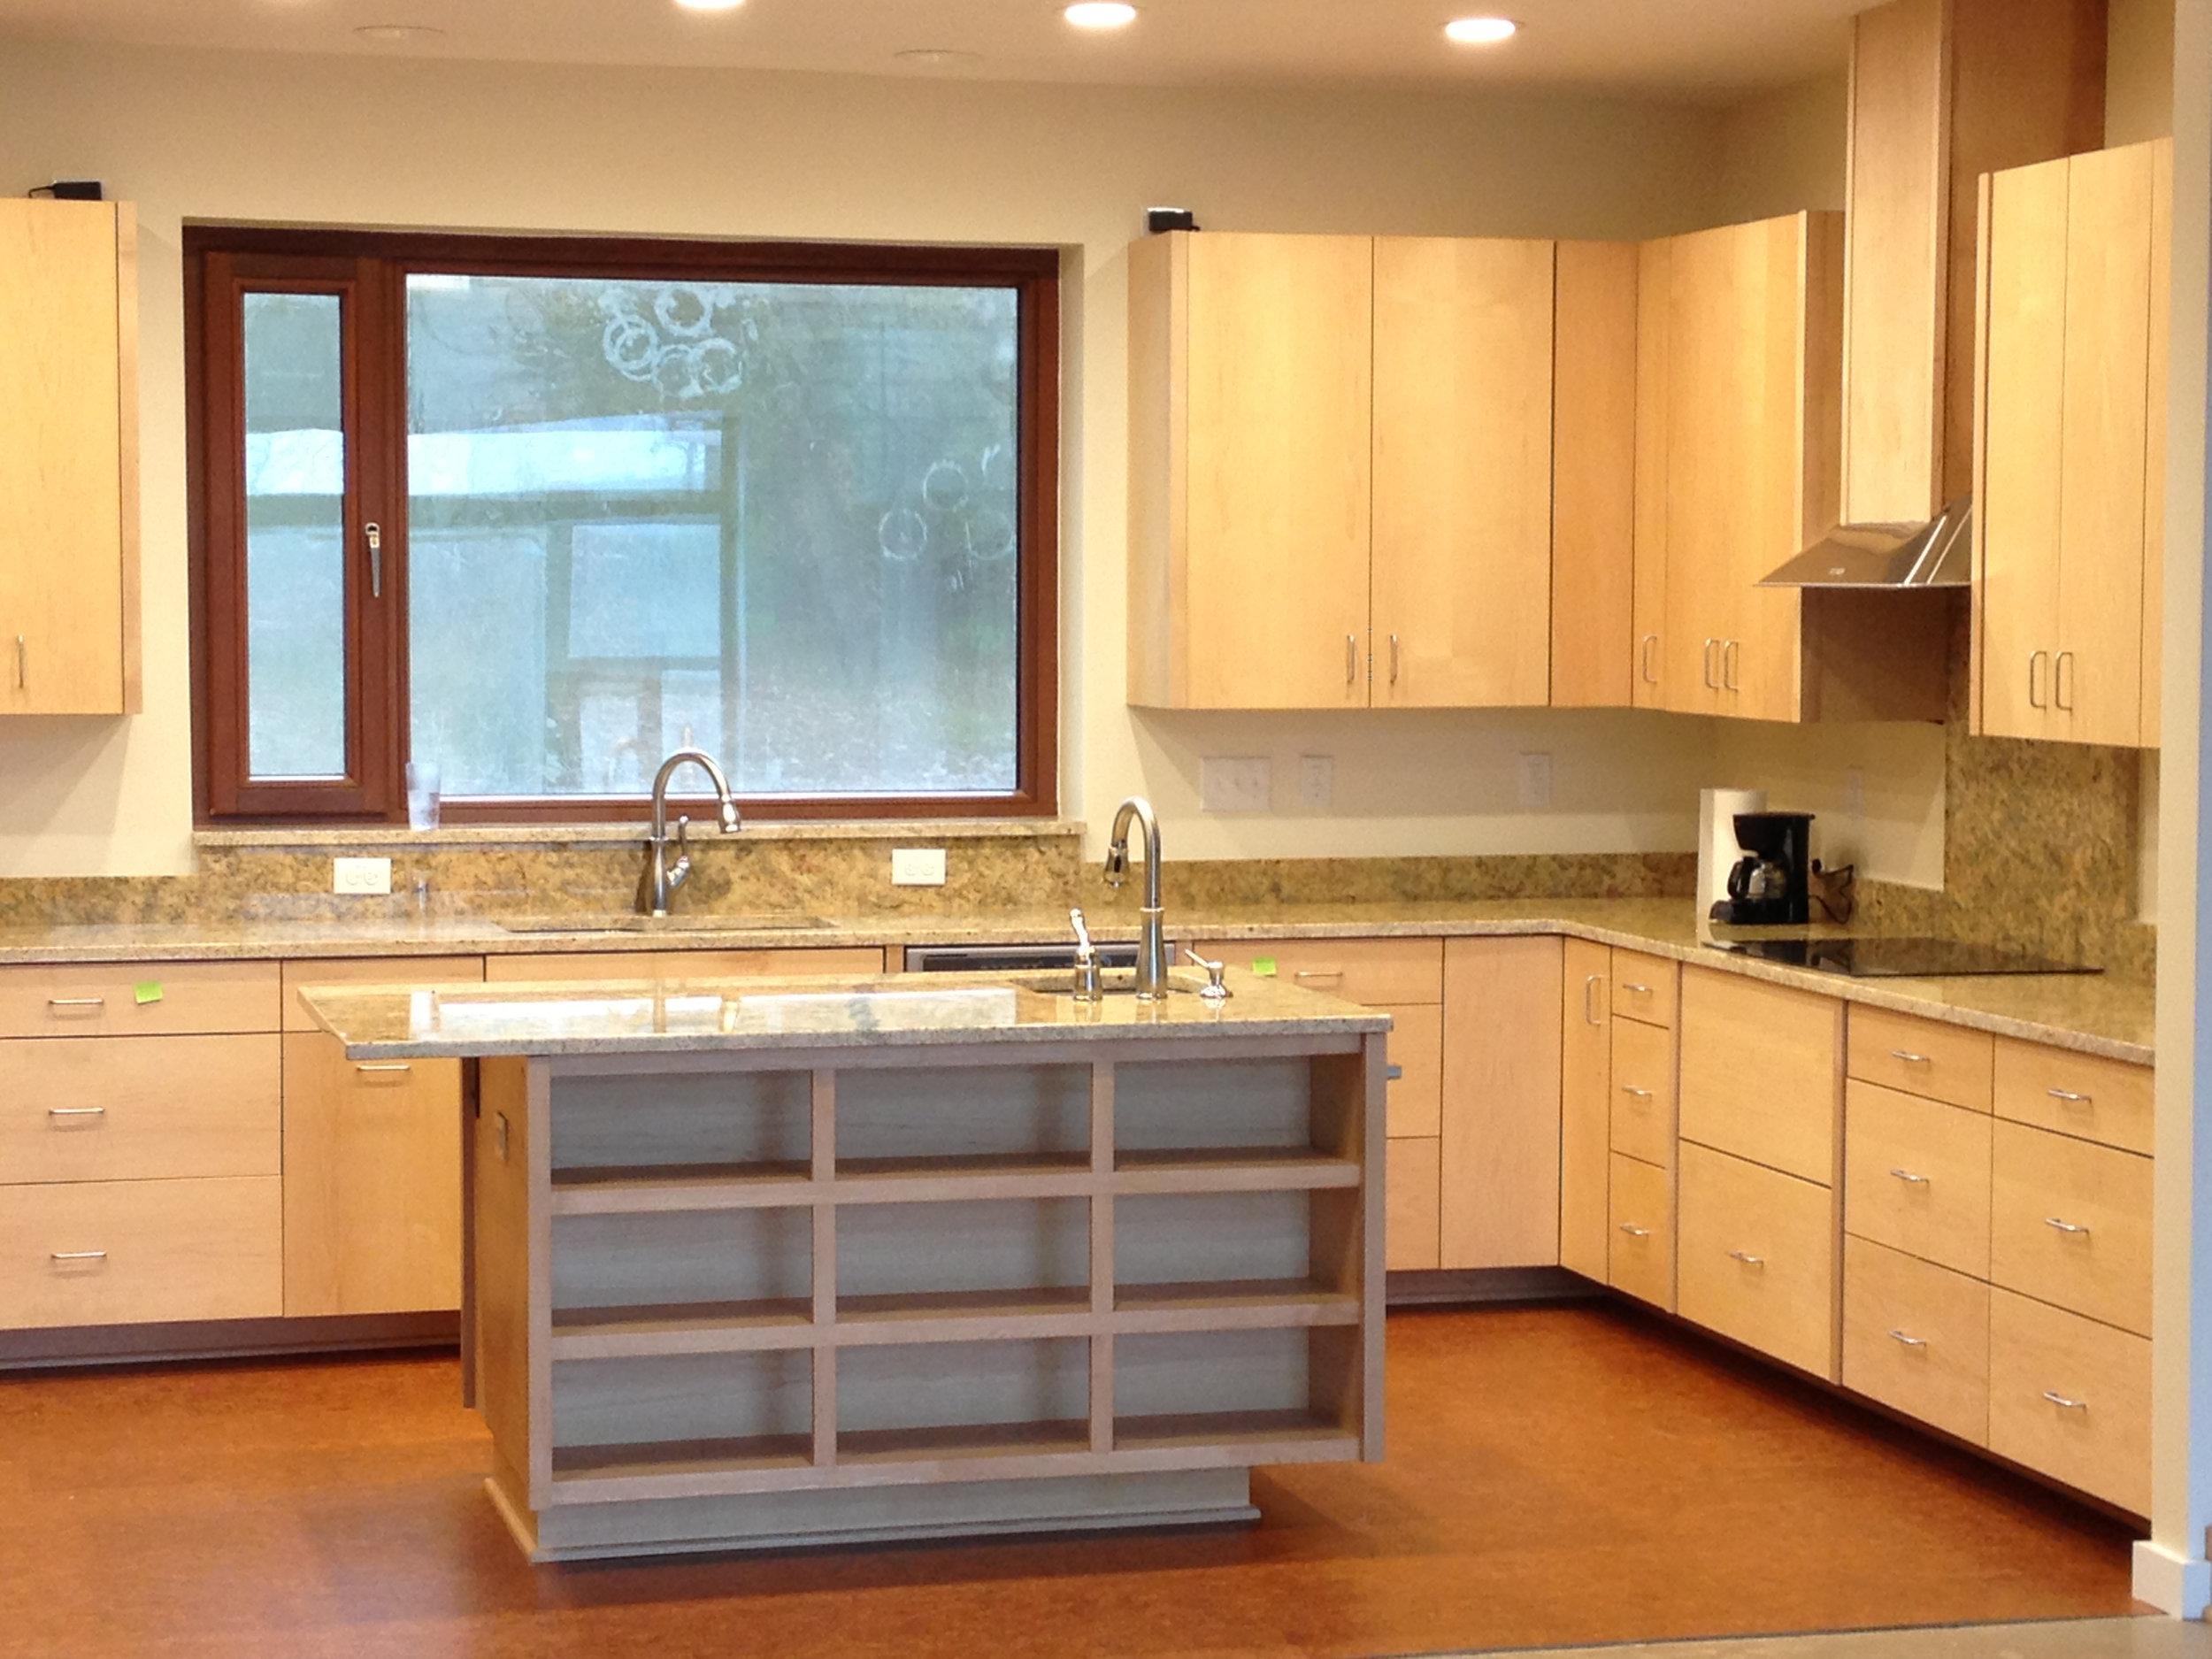 Custom kitchen in Fearrington Village, near Chapel Hill, NC.